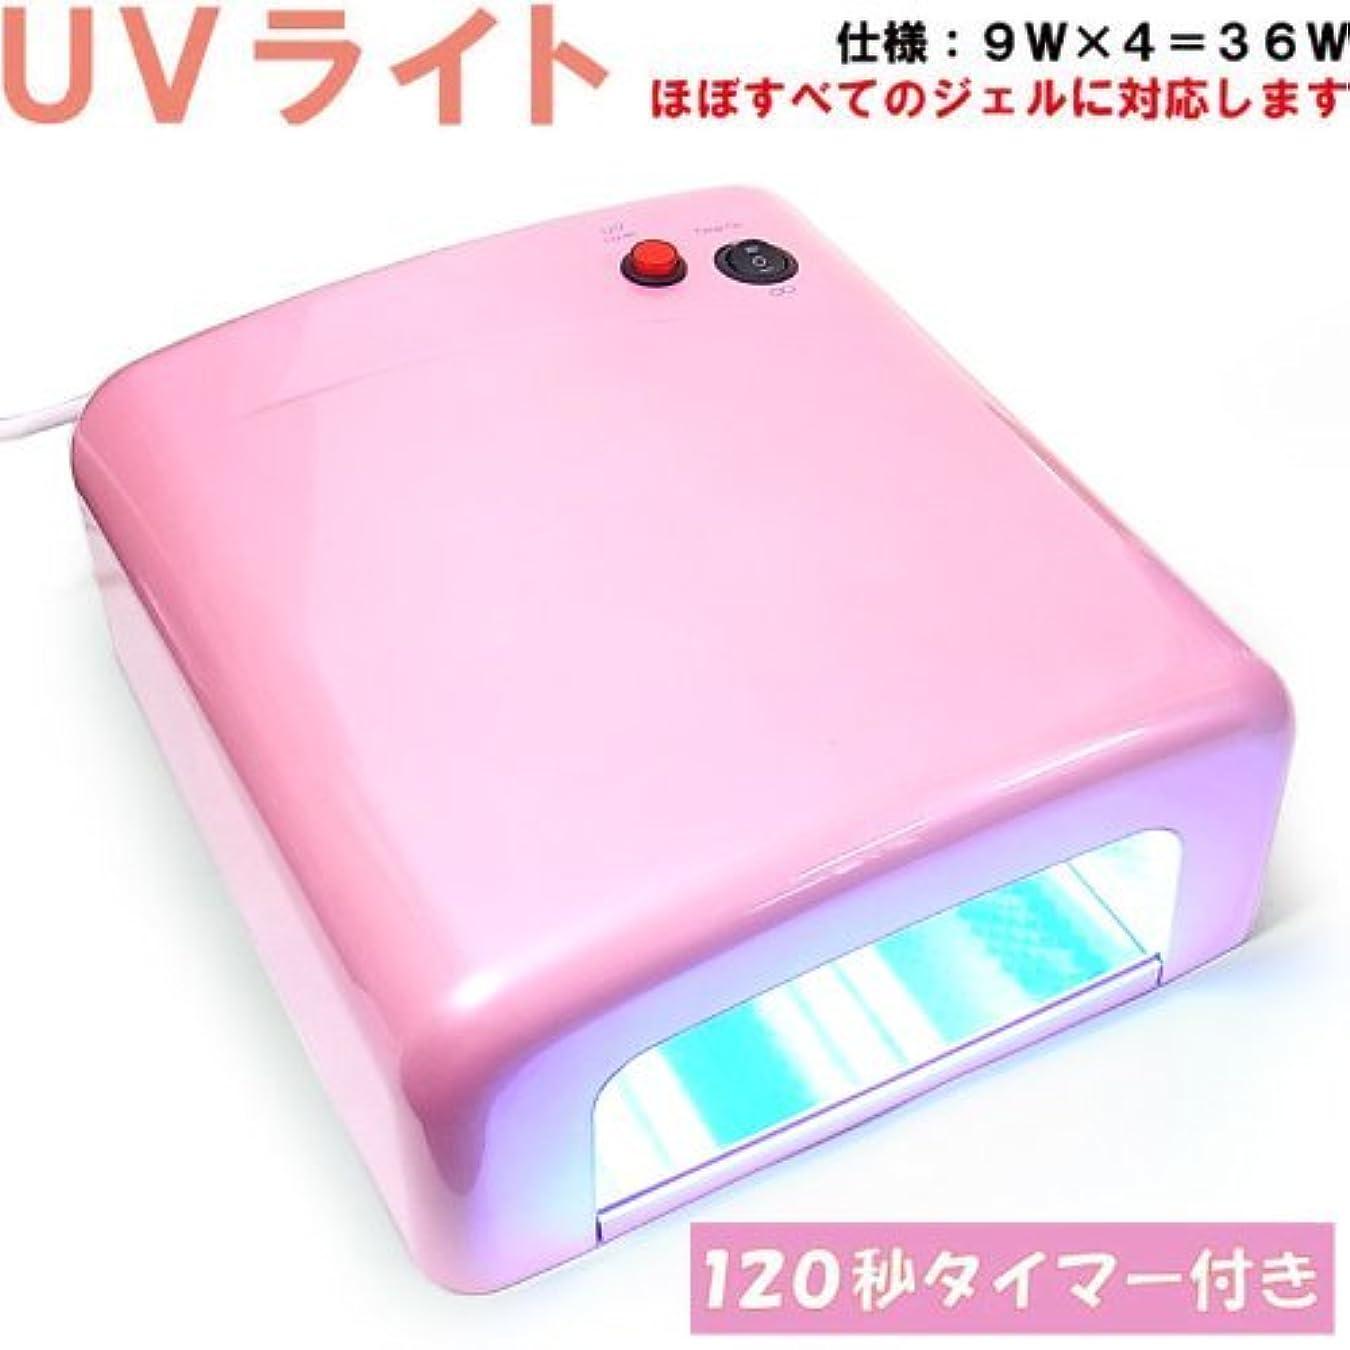 傀儡浴室教えるジェルネイル用UVライト36W(電球9W×4本付き)UVランプ【ピンク】